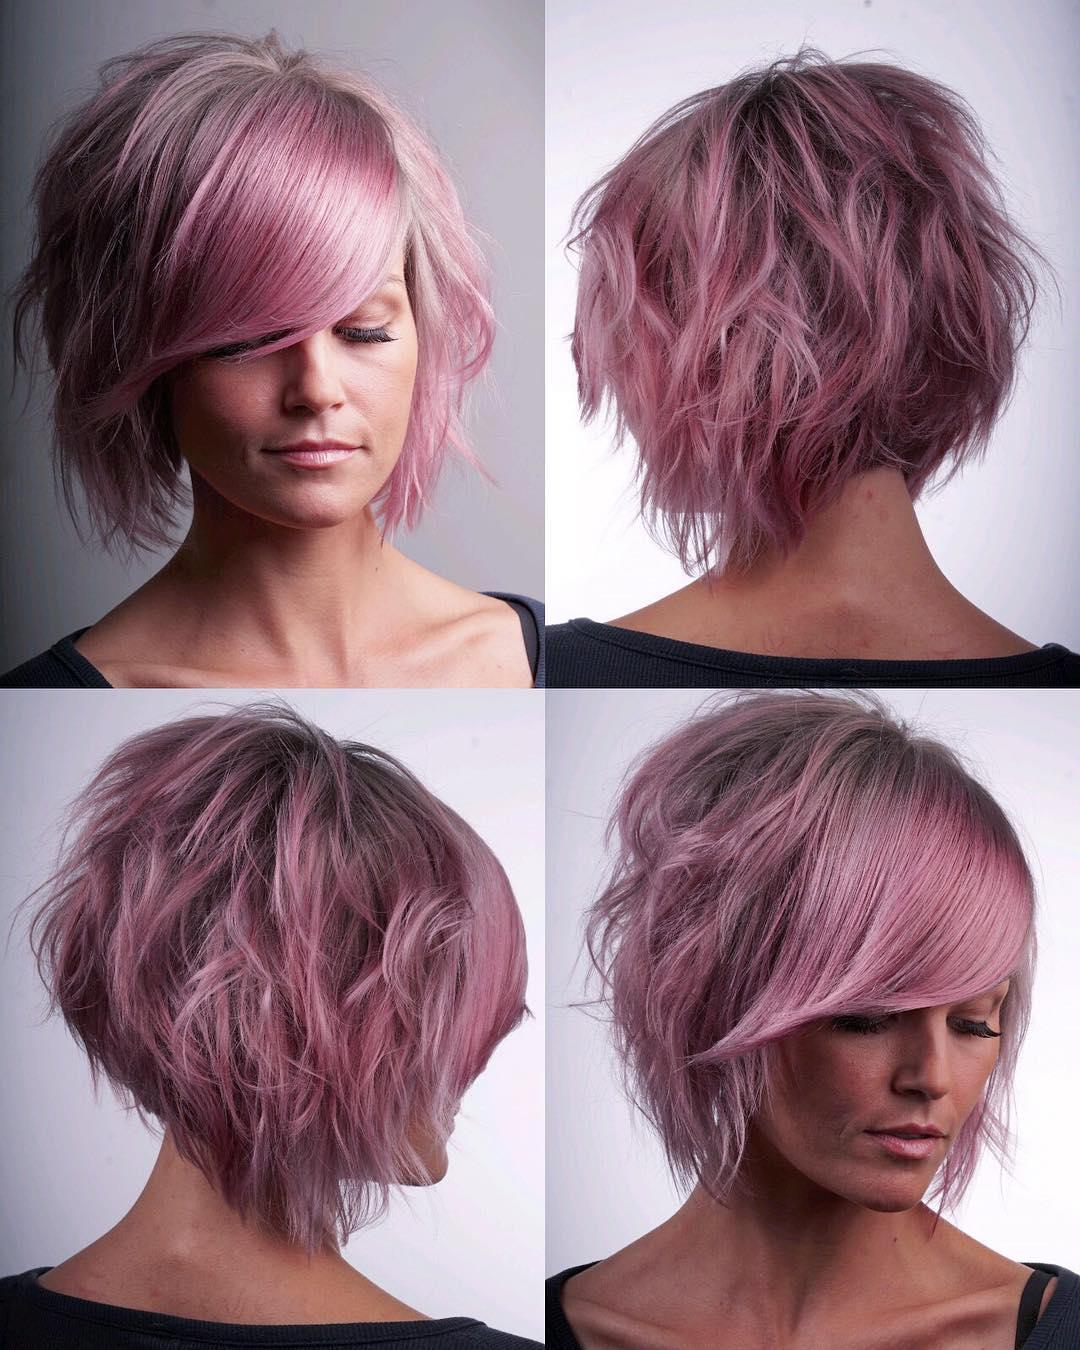 capelli-viola capelli-viola